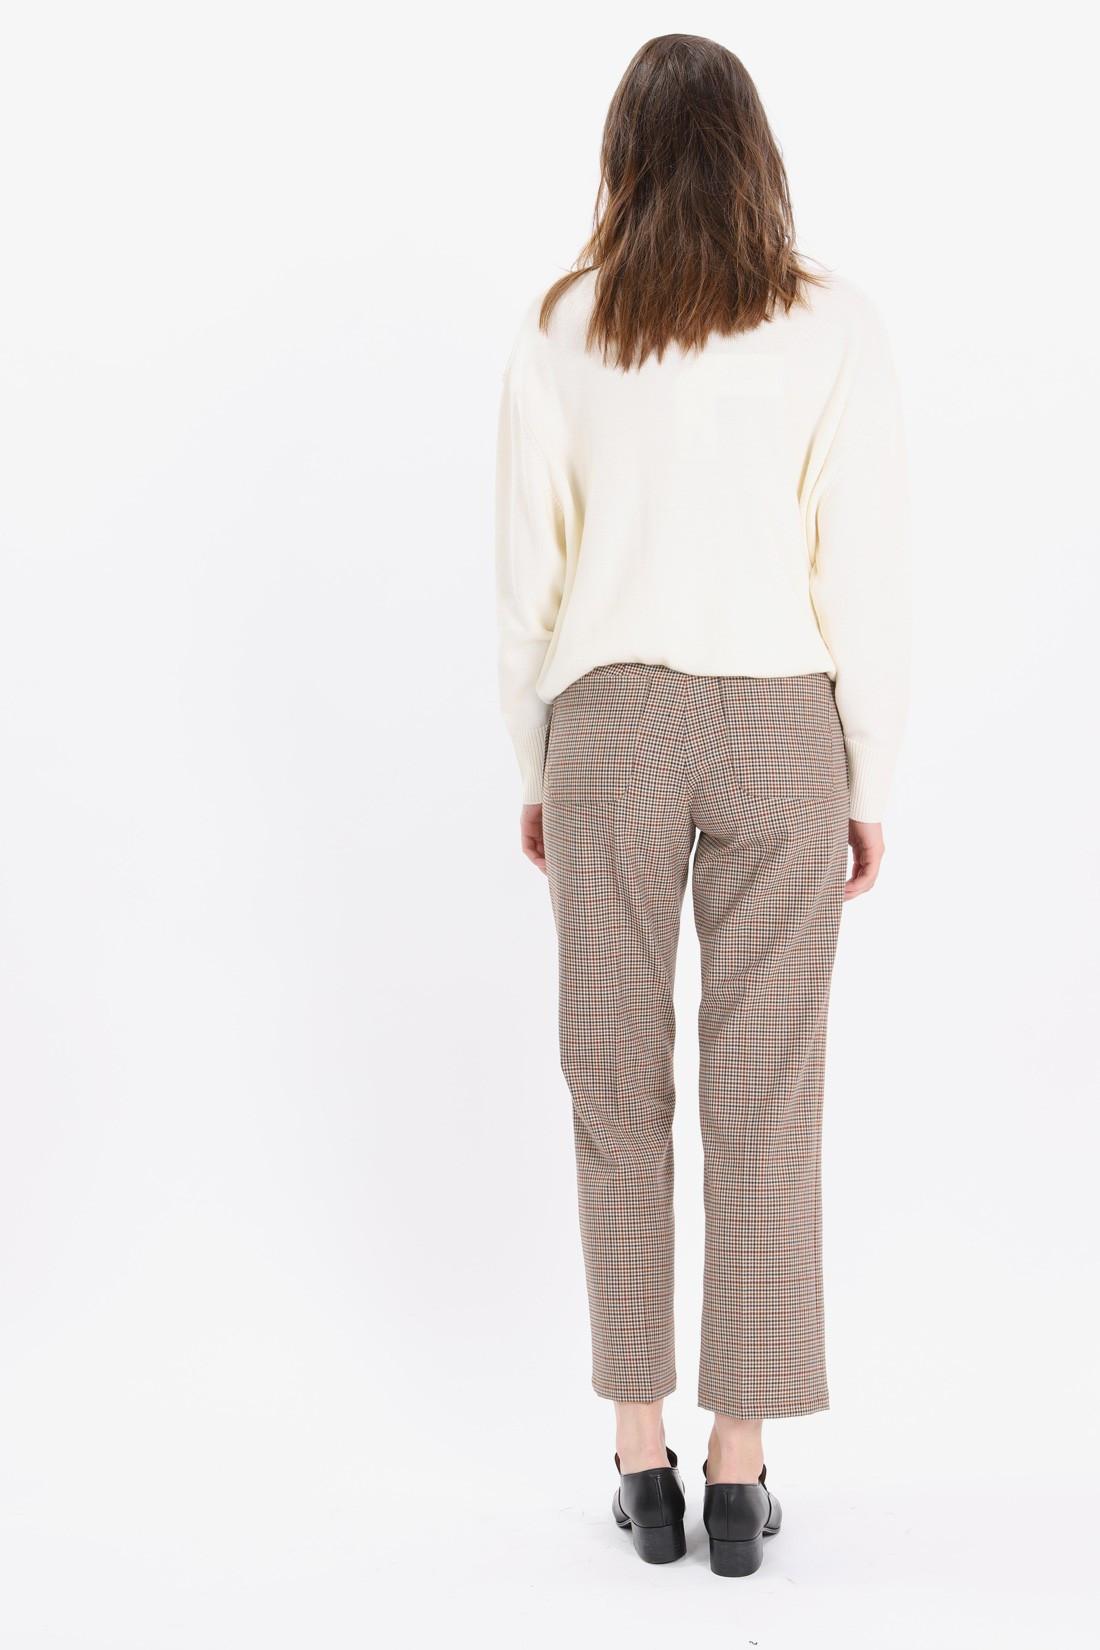 A.P.C. FOR WOMAN / Pantalon cece Beige fonce